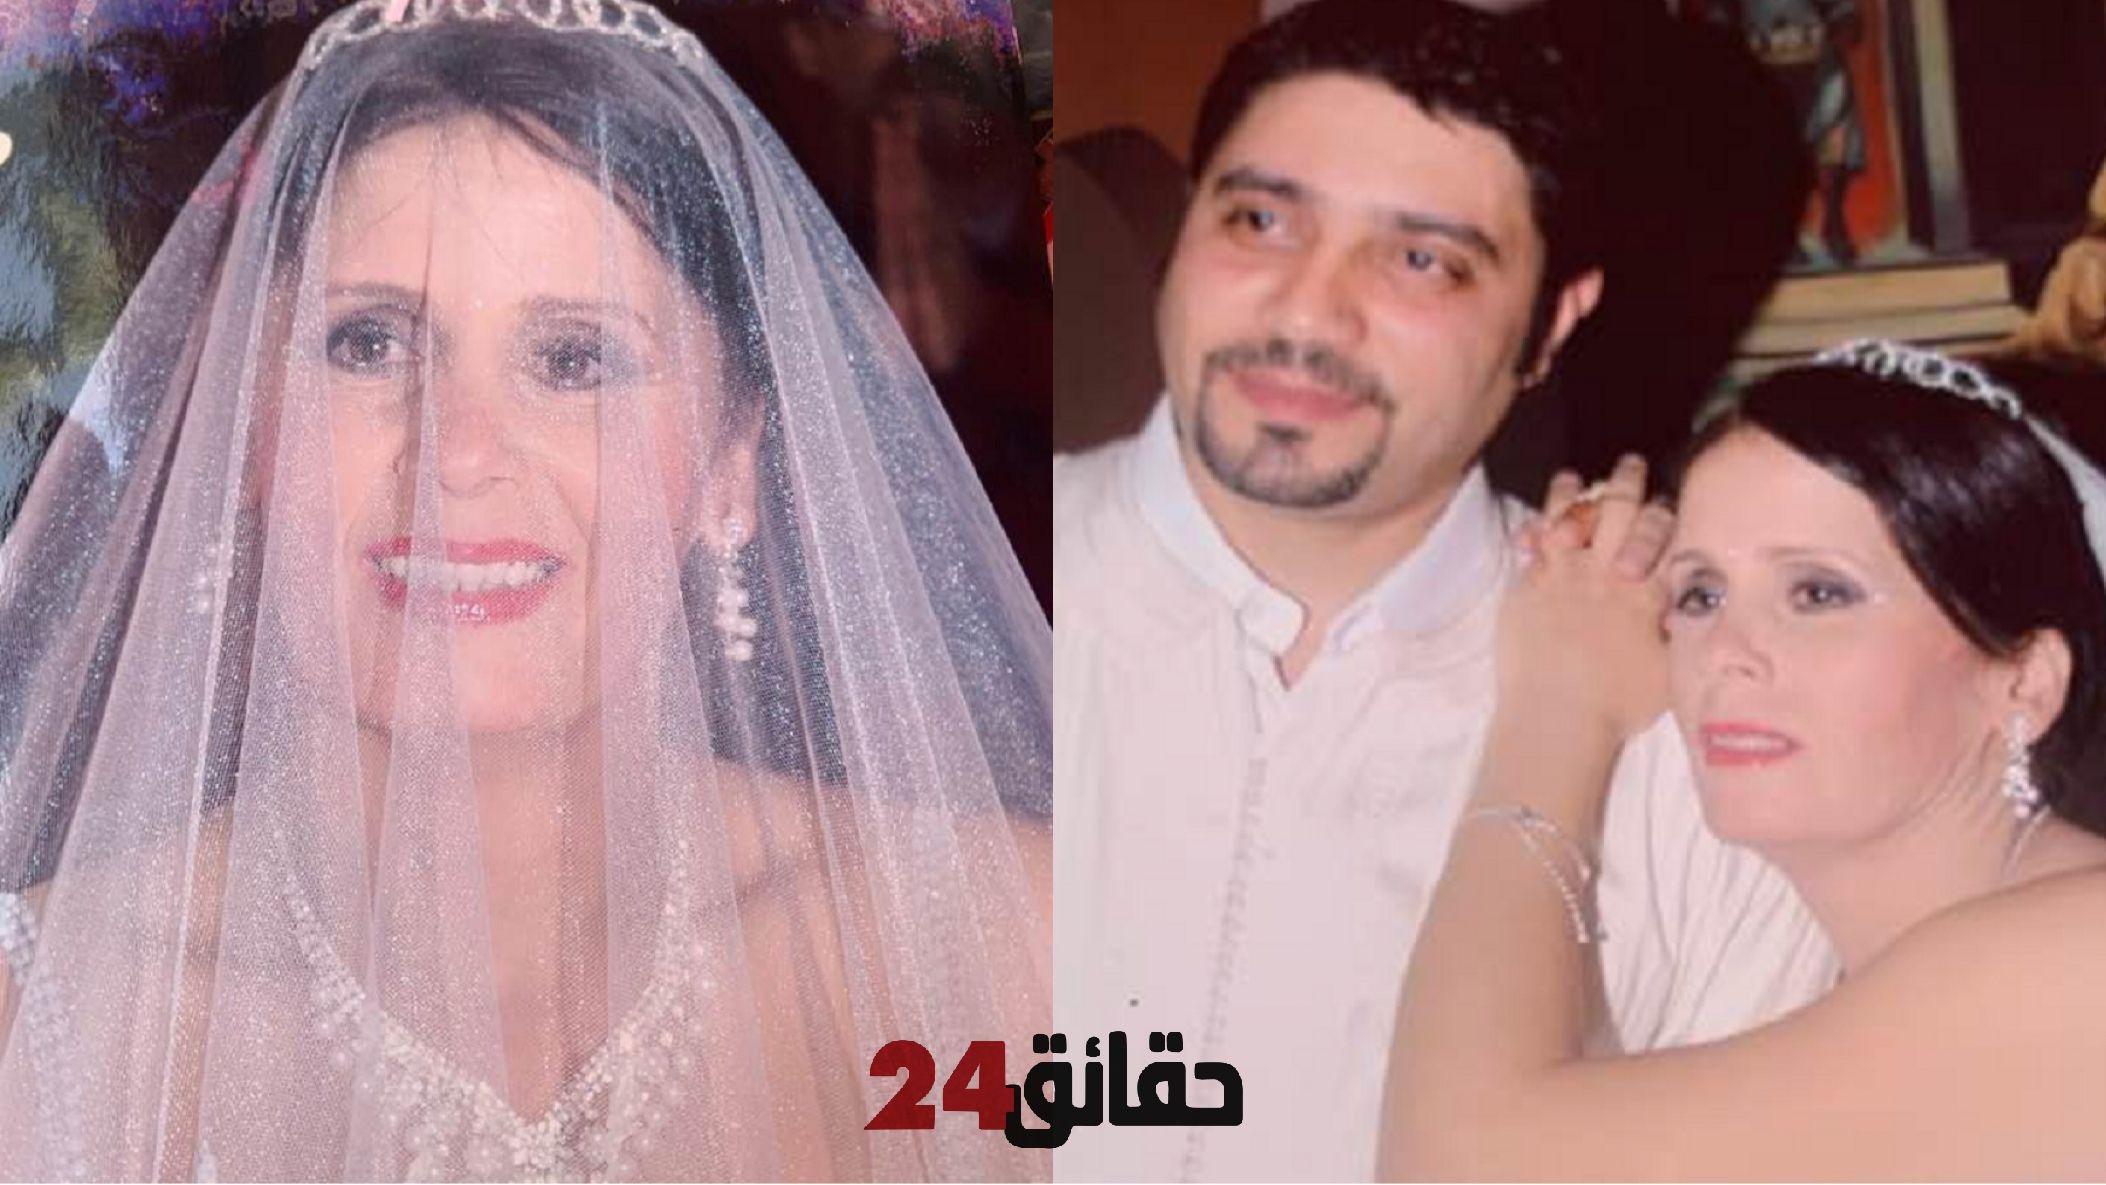 صورة الإعلامية بلعوشي تفاجئ متابعيها بـصور زفافها مع رجل أعمال مصري